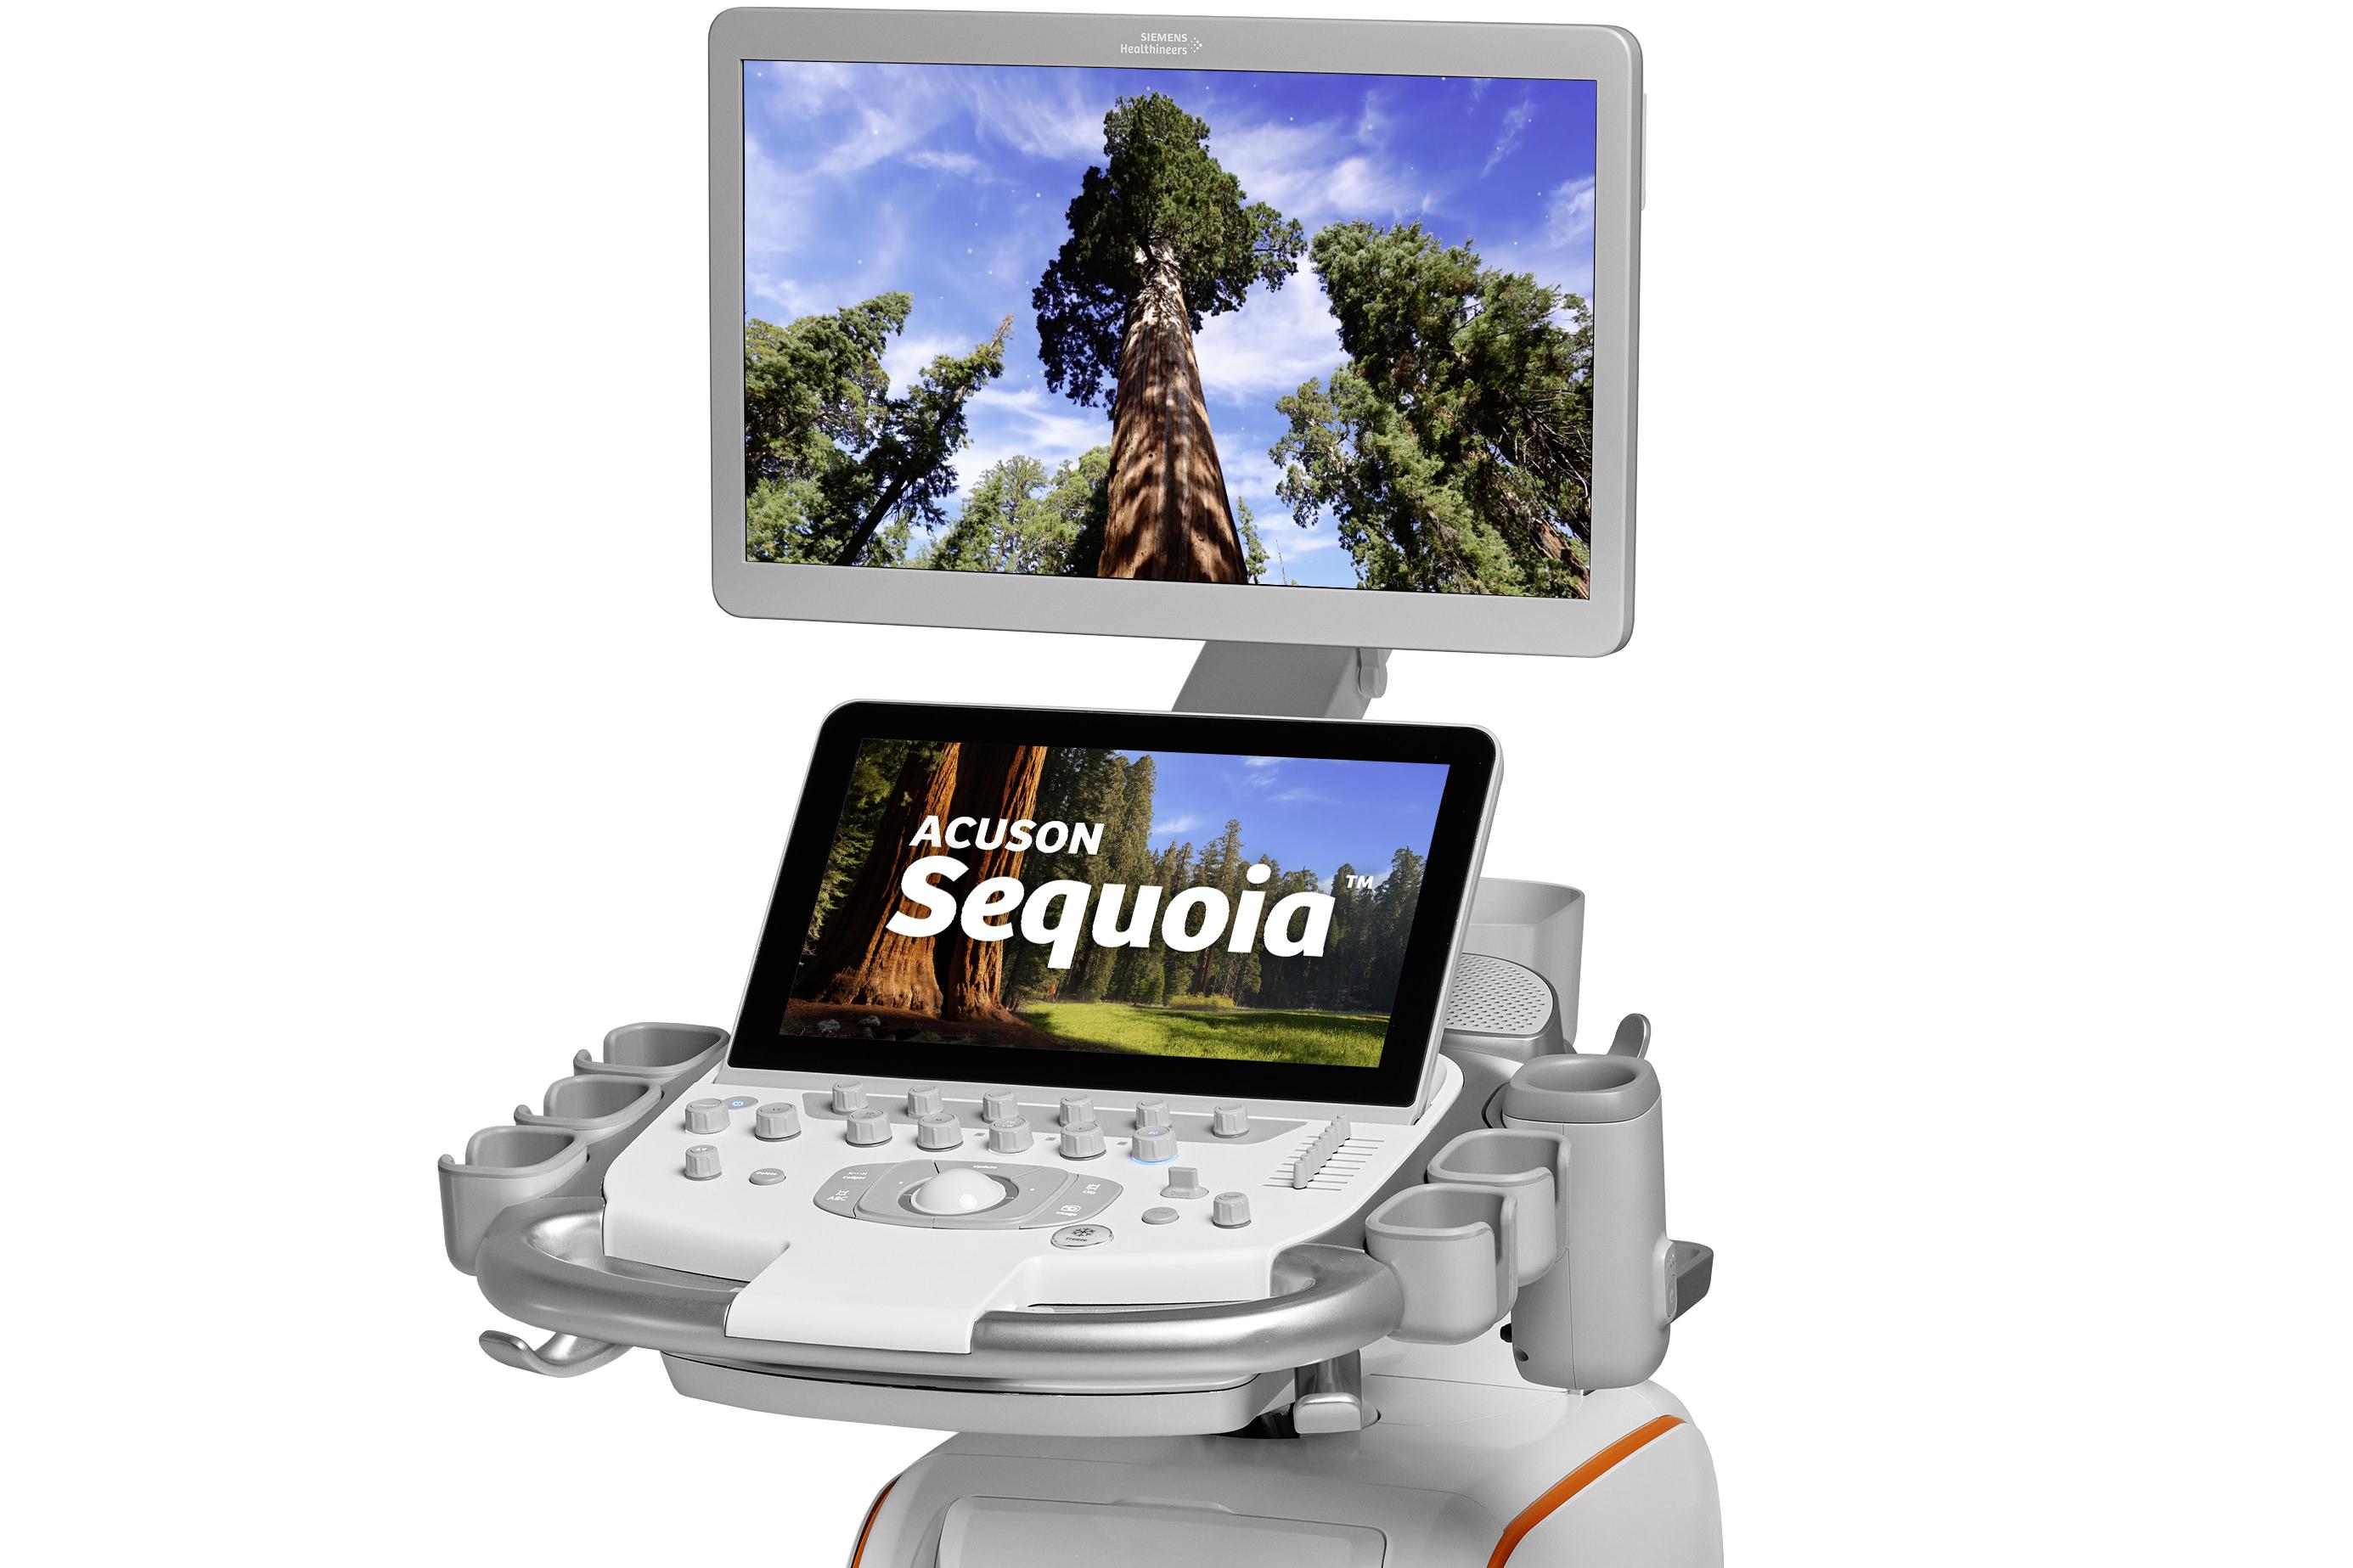 https://assets.sourcemedia.com/90/dc/370c413d4e458103063742fad33b/acuson-sequoia-product-image-crop.jpg